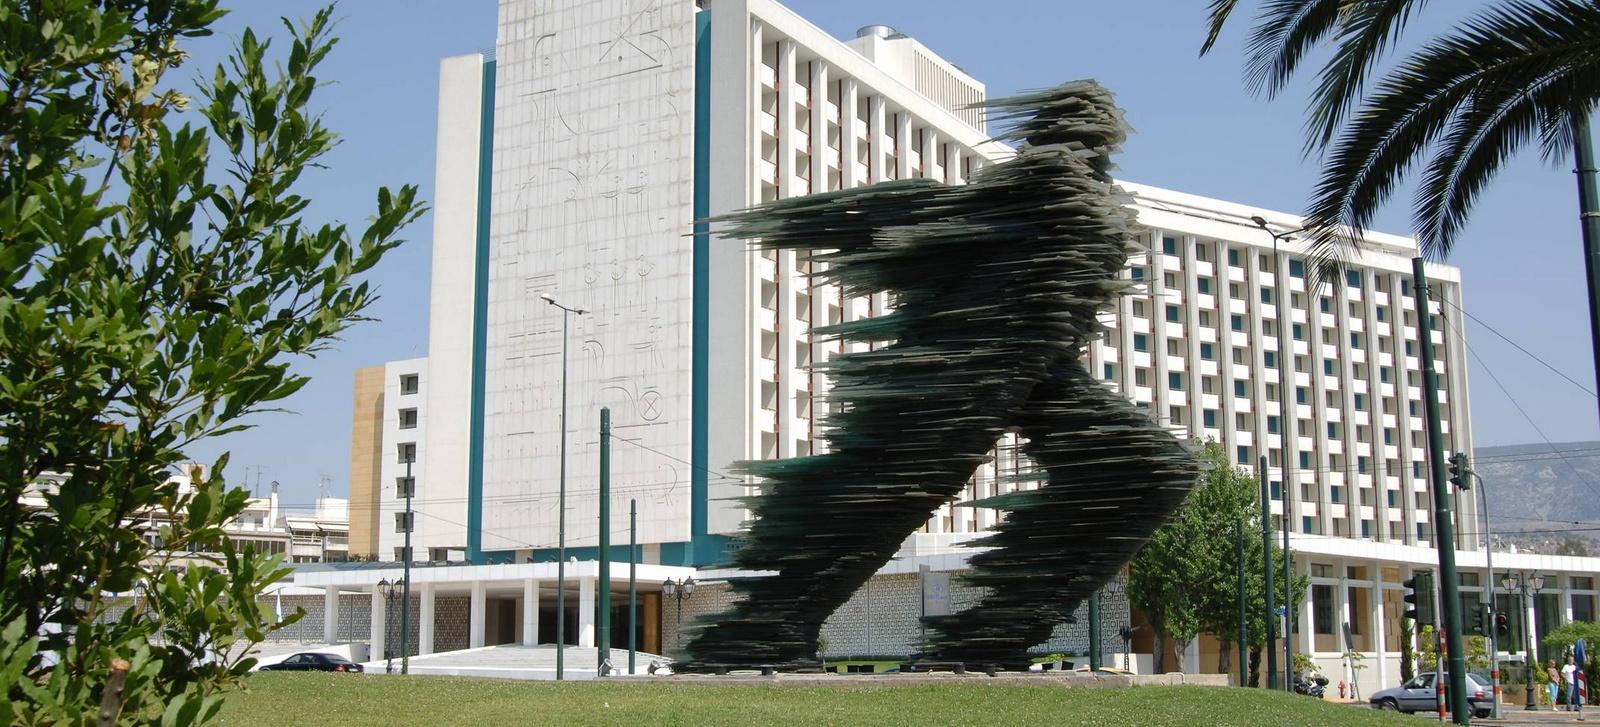 Hilton vidéo en ligne